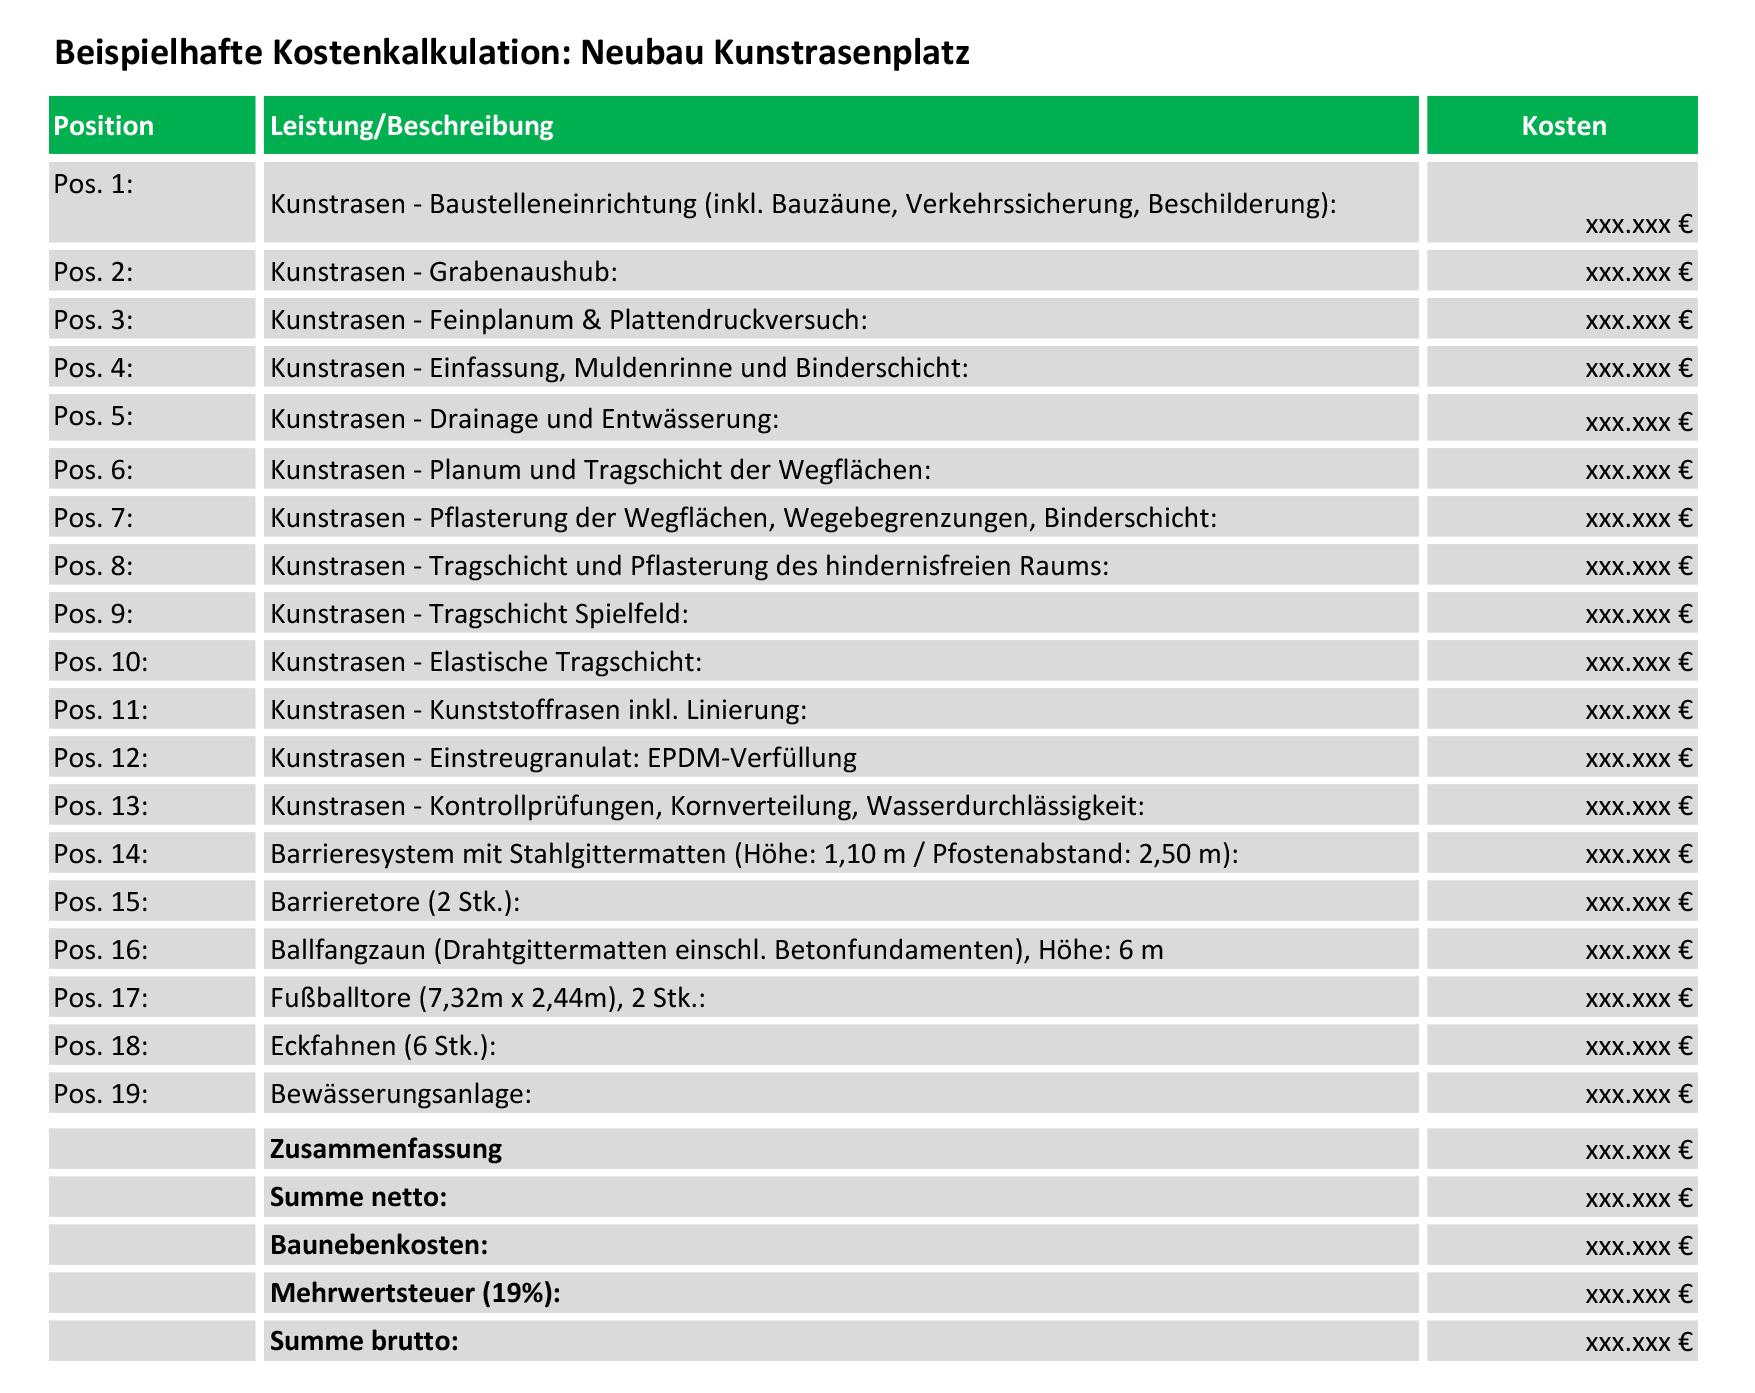 Beispielhafte_Kostenkalkulation_Neubau_Kunstrasenplatz